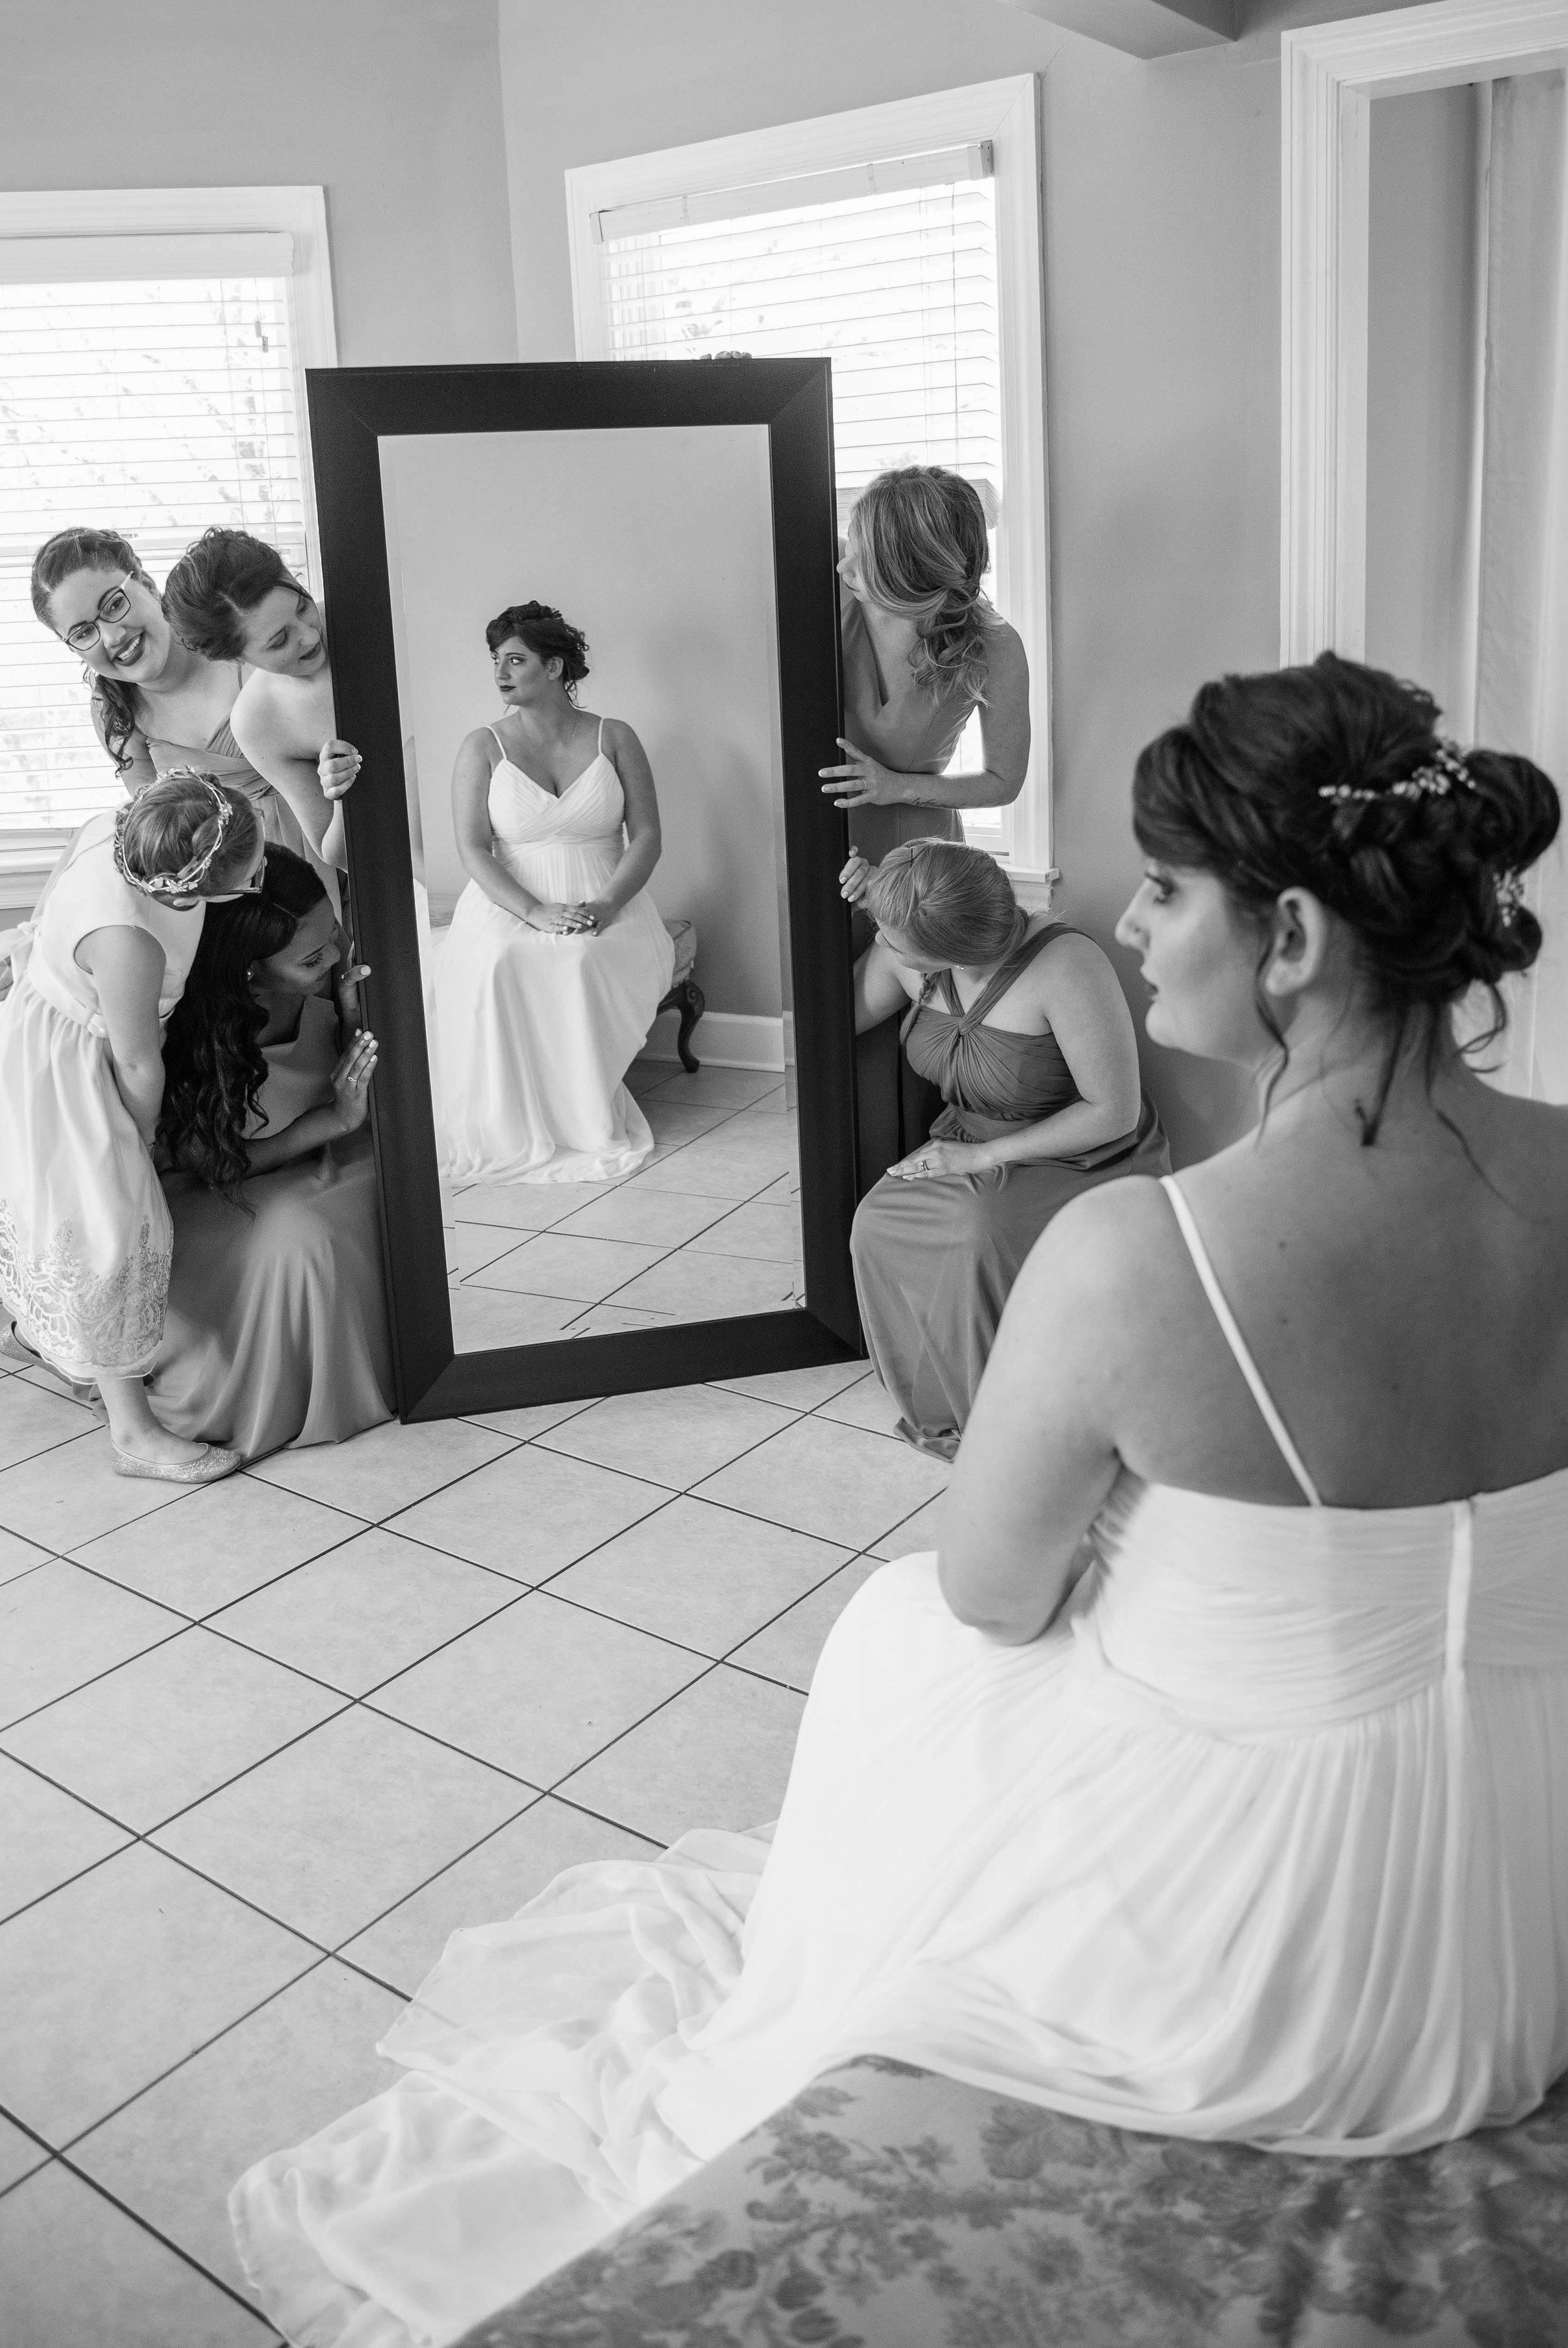 weddingpartyb&w-001.jpg